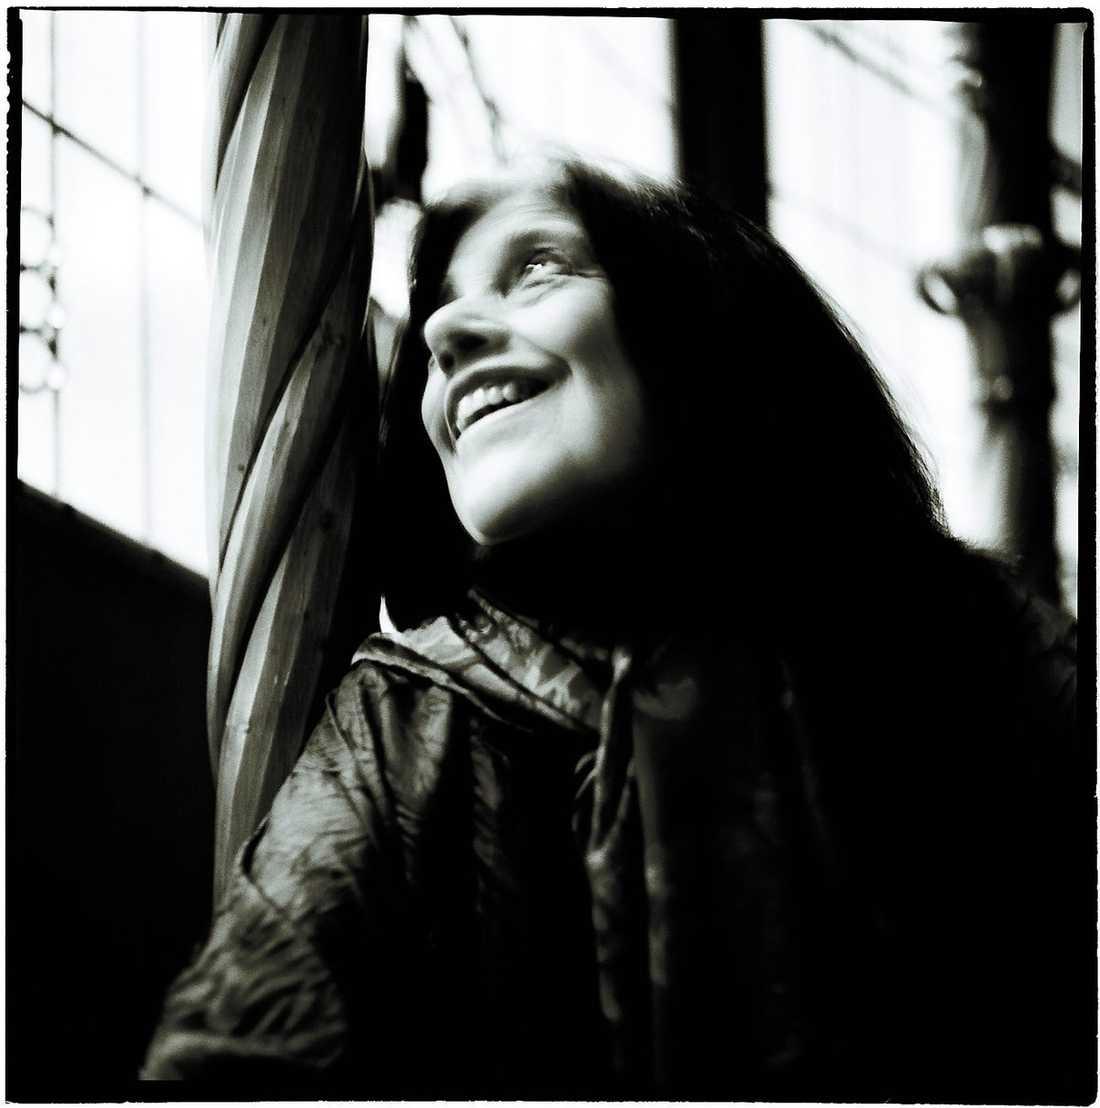 Den amerikanska författaren, litteraturkritikern och debattören Susan Sontag dog 2004. Nu kommer den första riktiga biografin om henne.